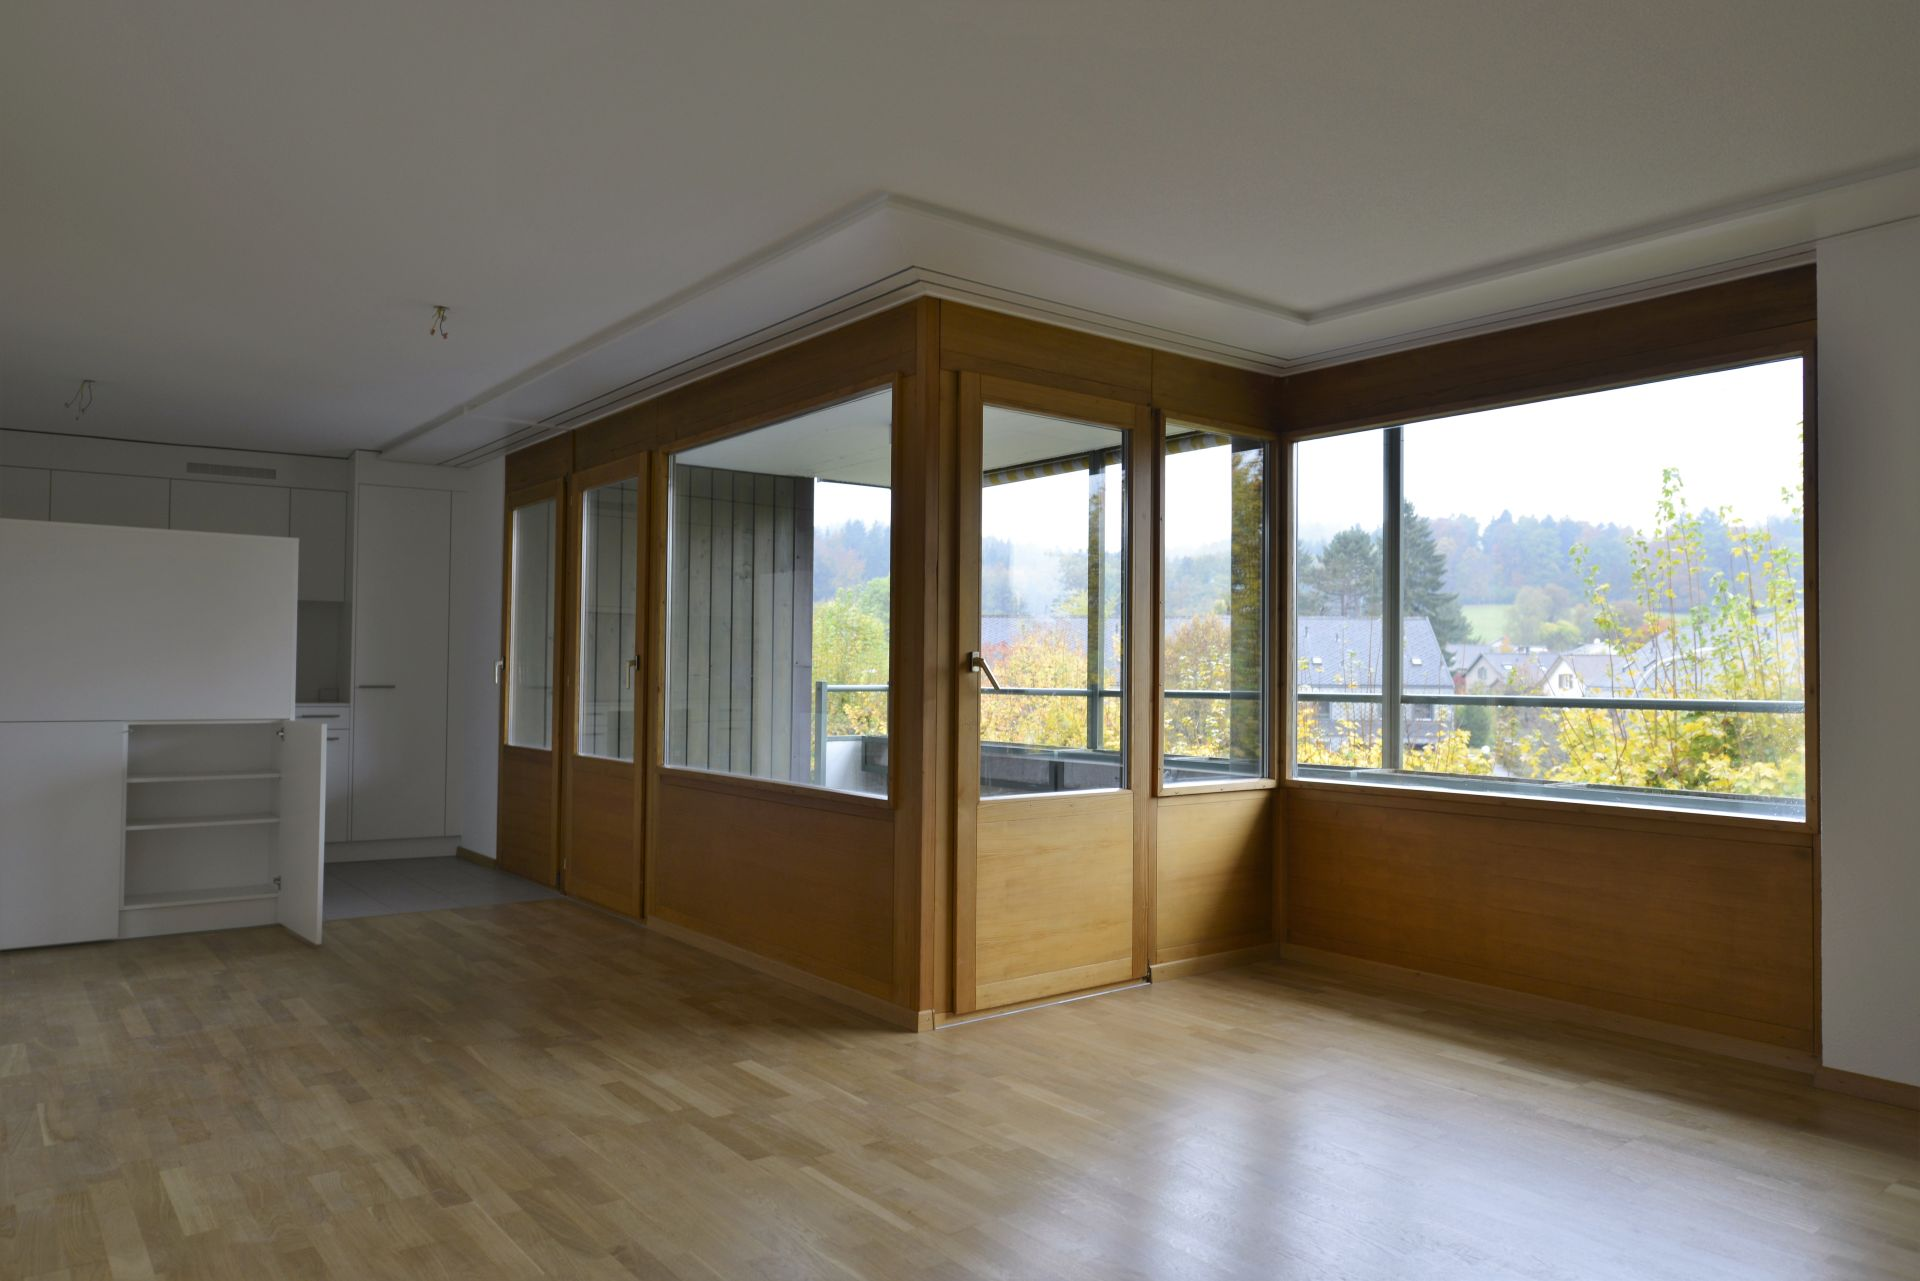 Renovierte Wohnung an ruhiger Lage